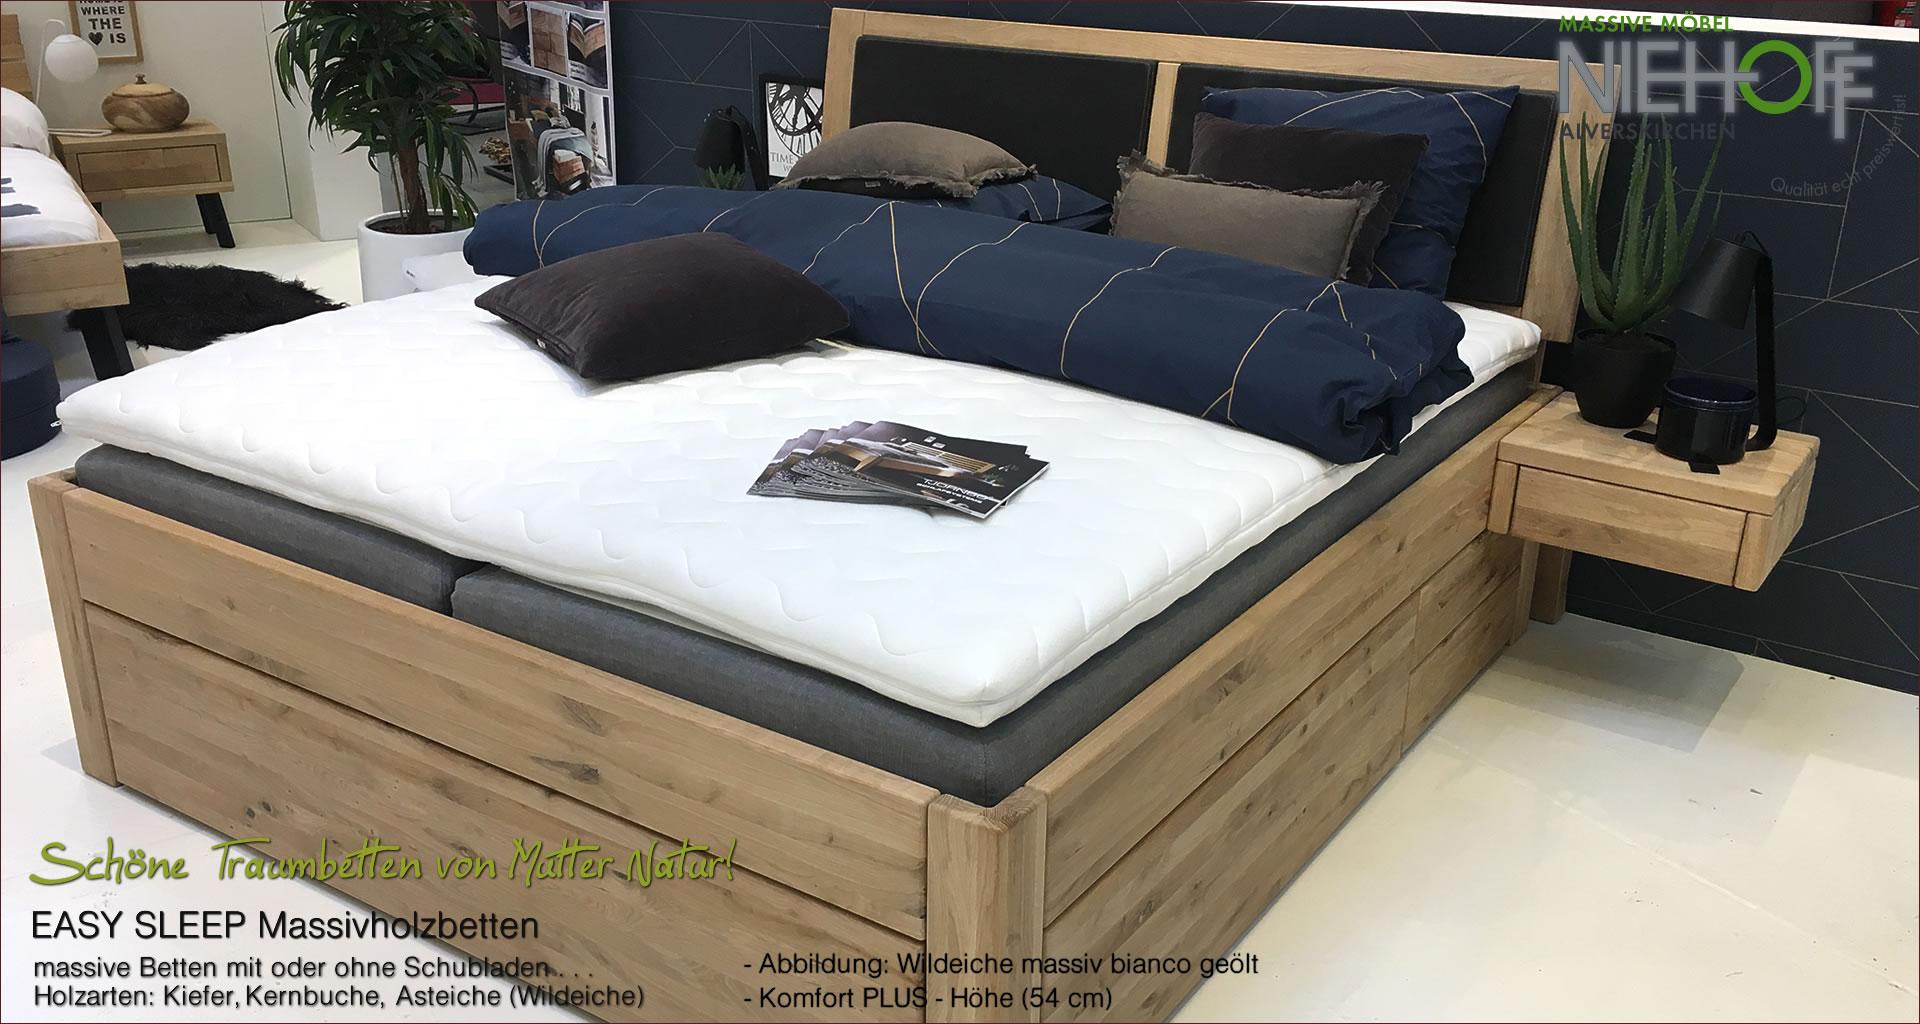 Full Size of Jabo Betten Massive Bei Niehoff Online Bestellen Onlineshop Mit Aufbewahrung Schlafzimmer Holz Ebay überlänge 100x200 Billige Flexa Designer Hohe Team 7 Bett Jabo Betten